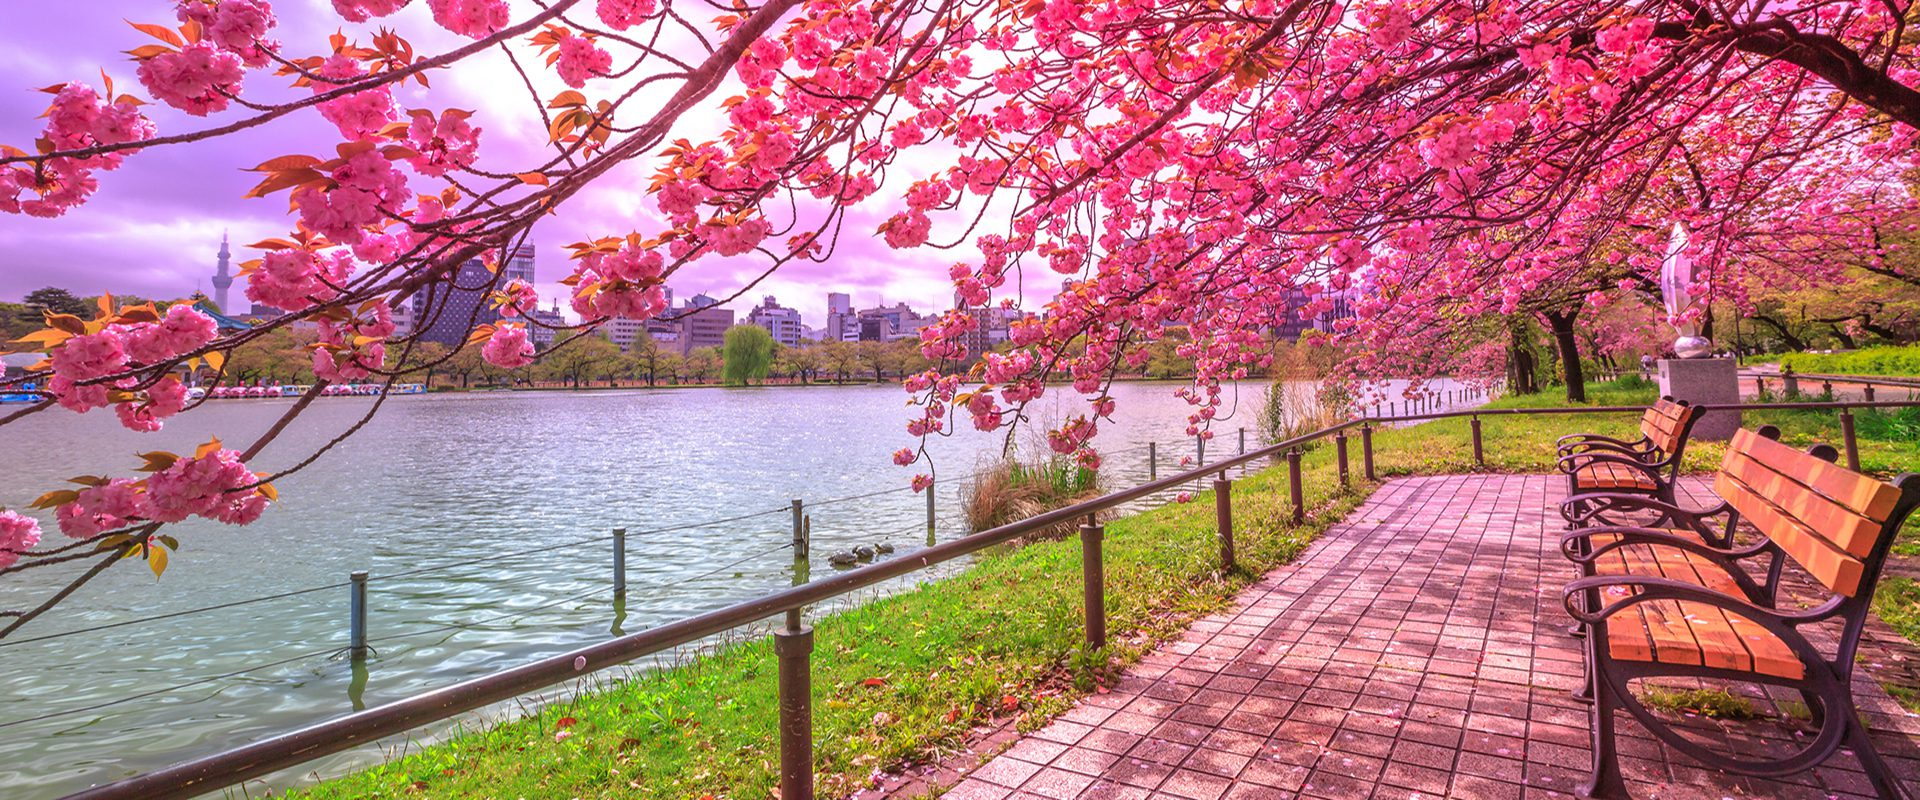 Arbol De Cerezo Japones los 10 mejores lugares de japón para ver el cerezo en flor